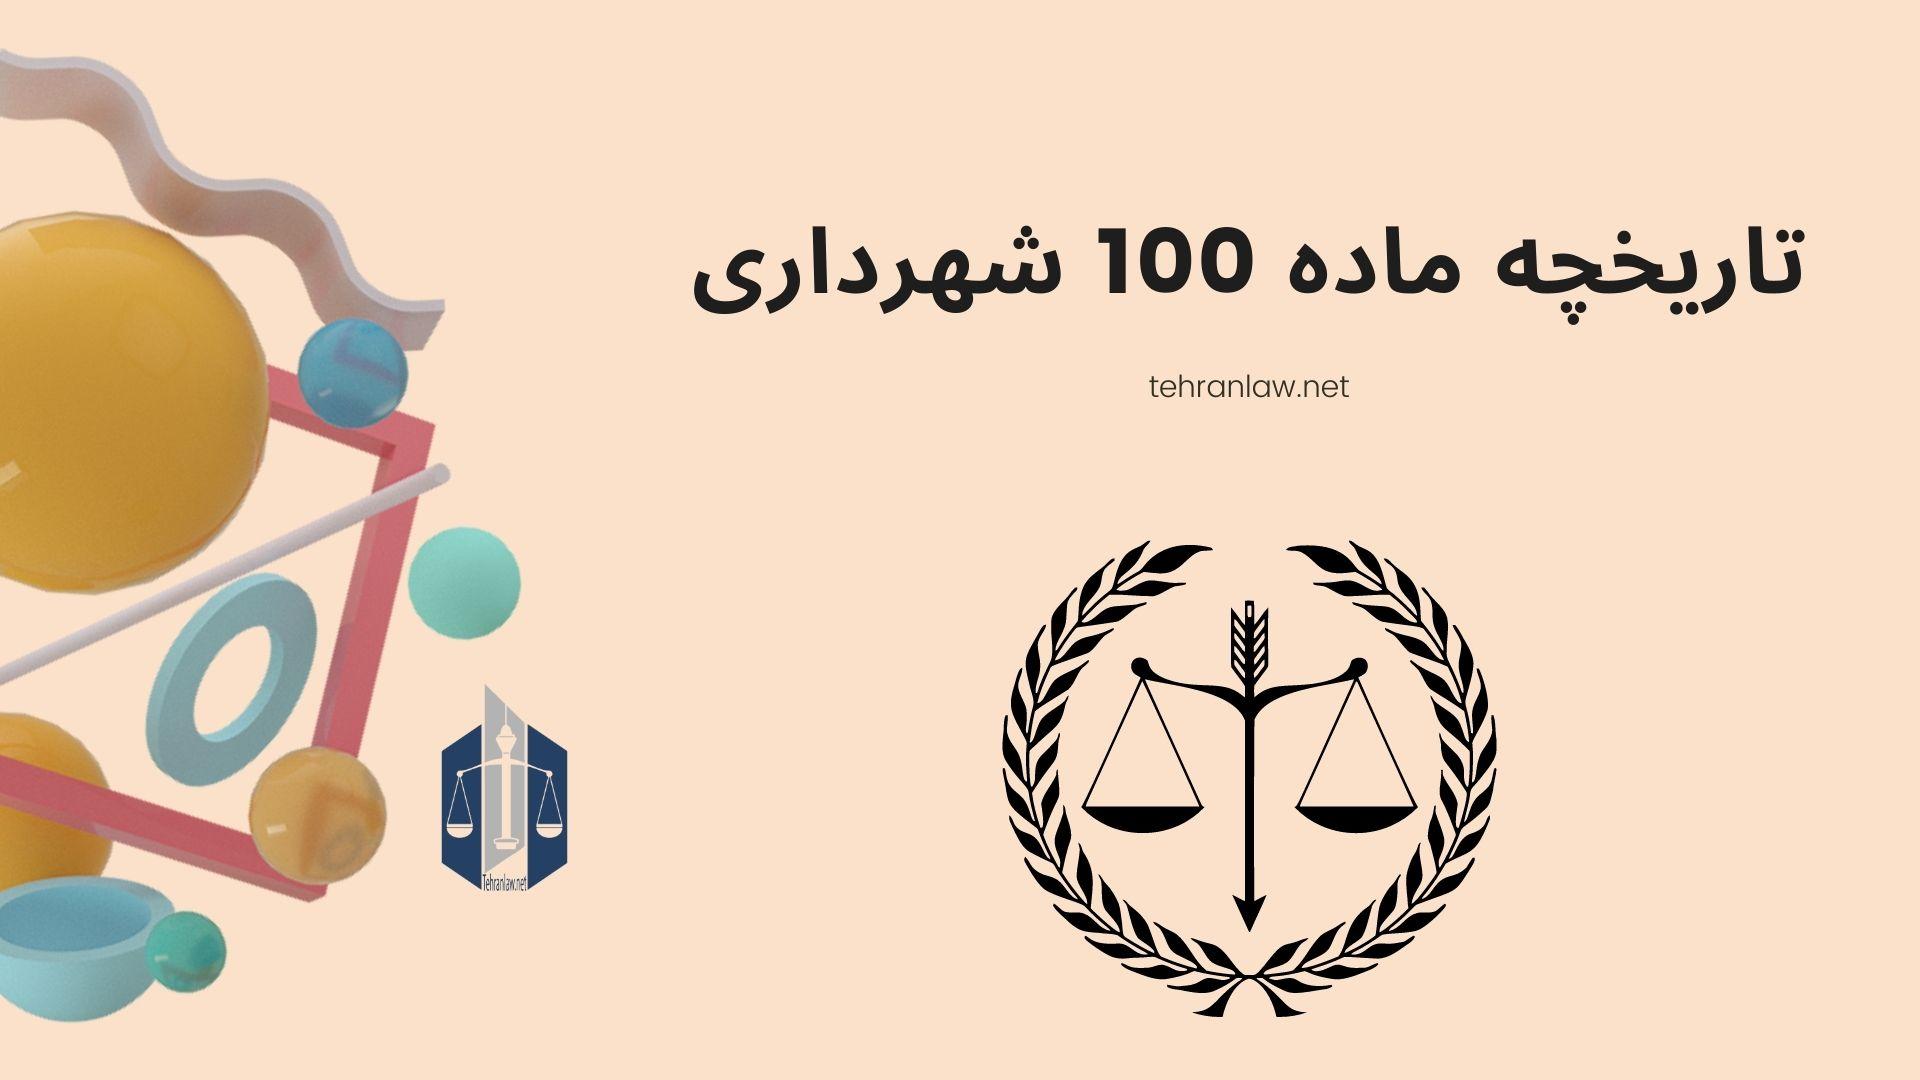 تاریخچه ماده 100 شهرداری